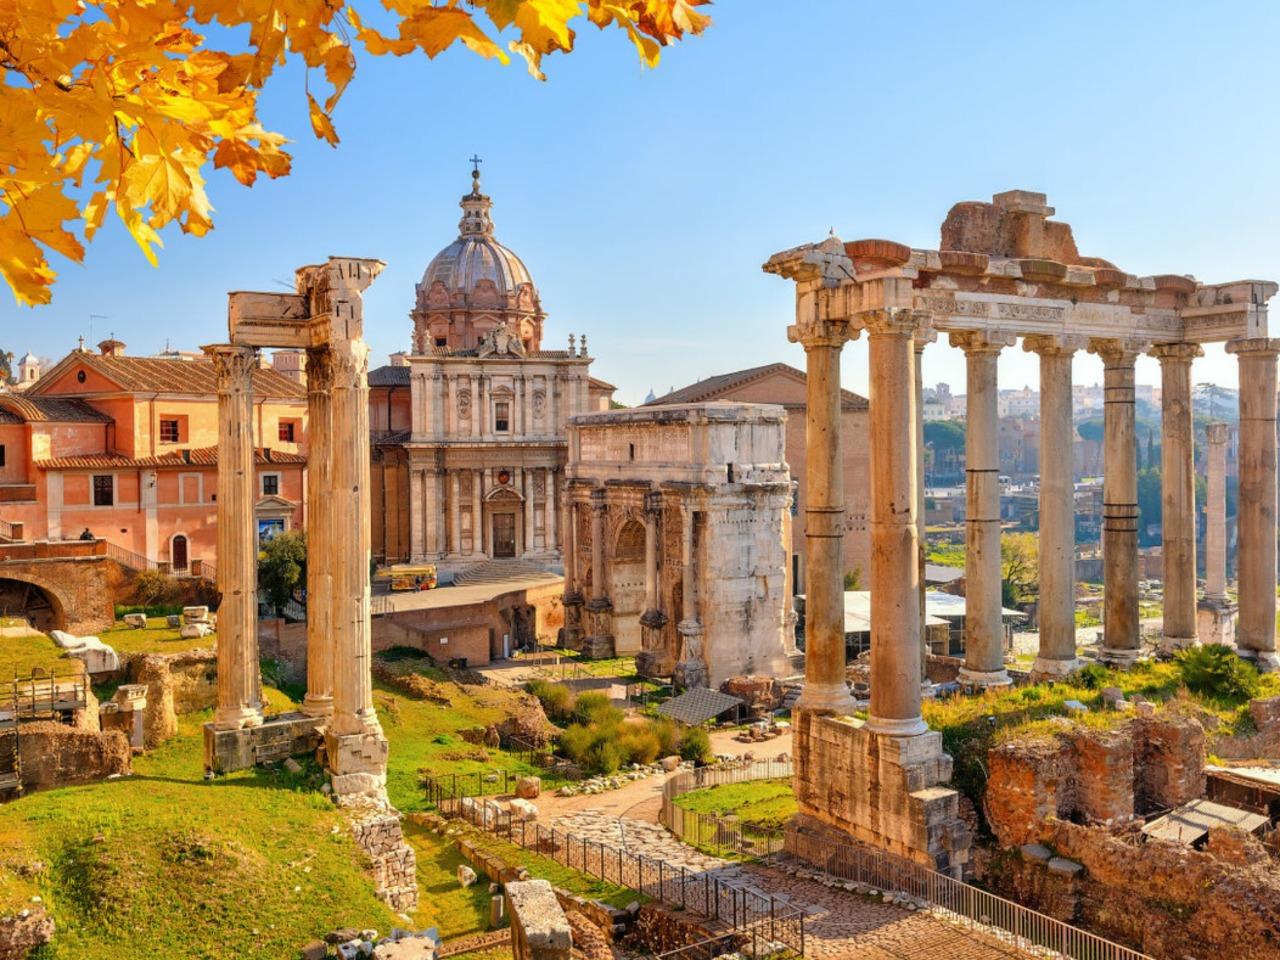 Единственный день в Риме - увидеть всё! - индивидуальная экскурсия в Риме от опытного гида